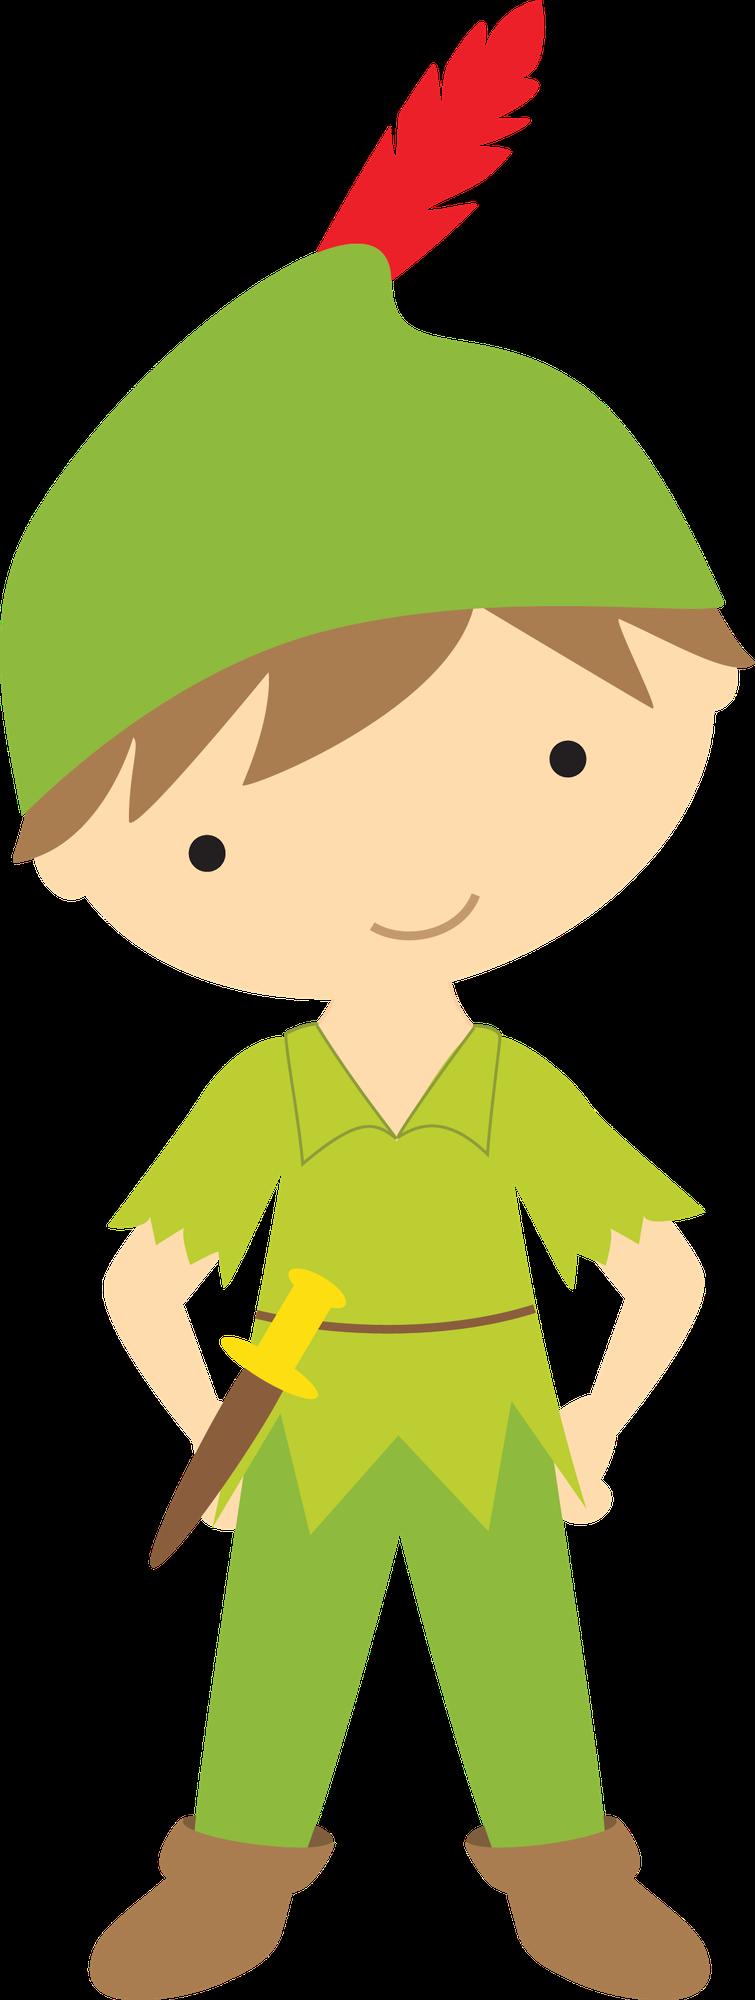 Personagens - Minus  Arte disney, Dibujos bonitos, Dibujos para niños